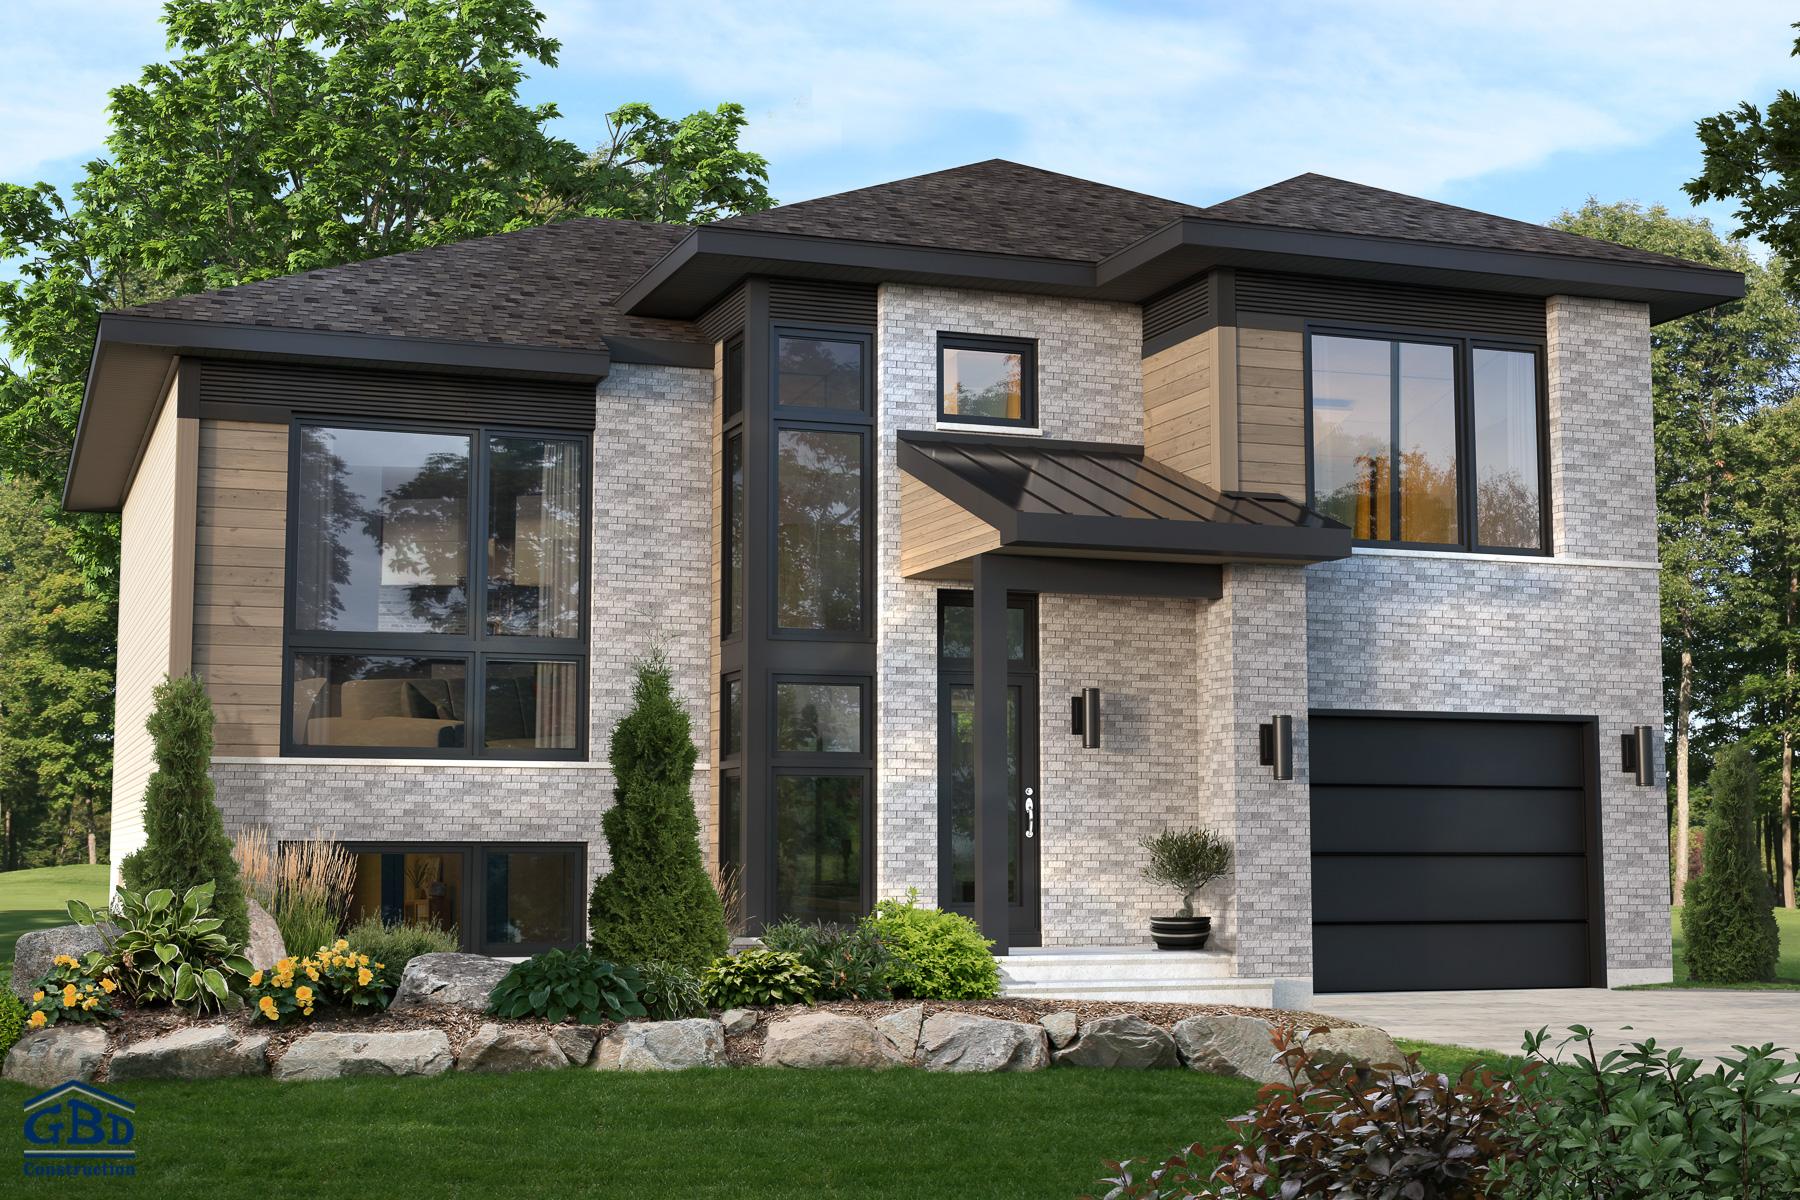 den maison neuve deux tages de type cottage gbd construction. Black Bedroom Furniture Sets. Home Design Ideas